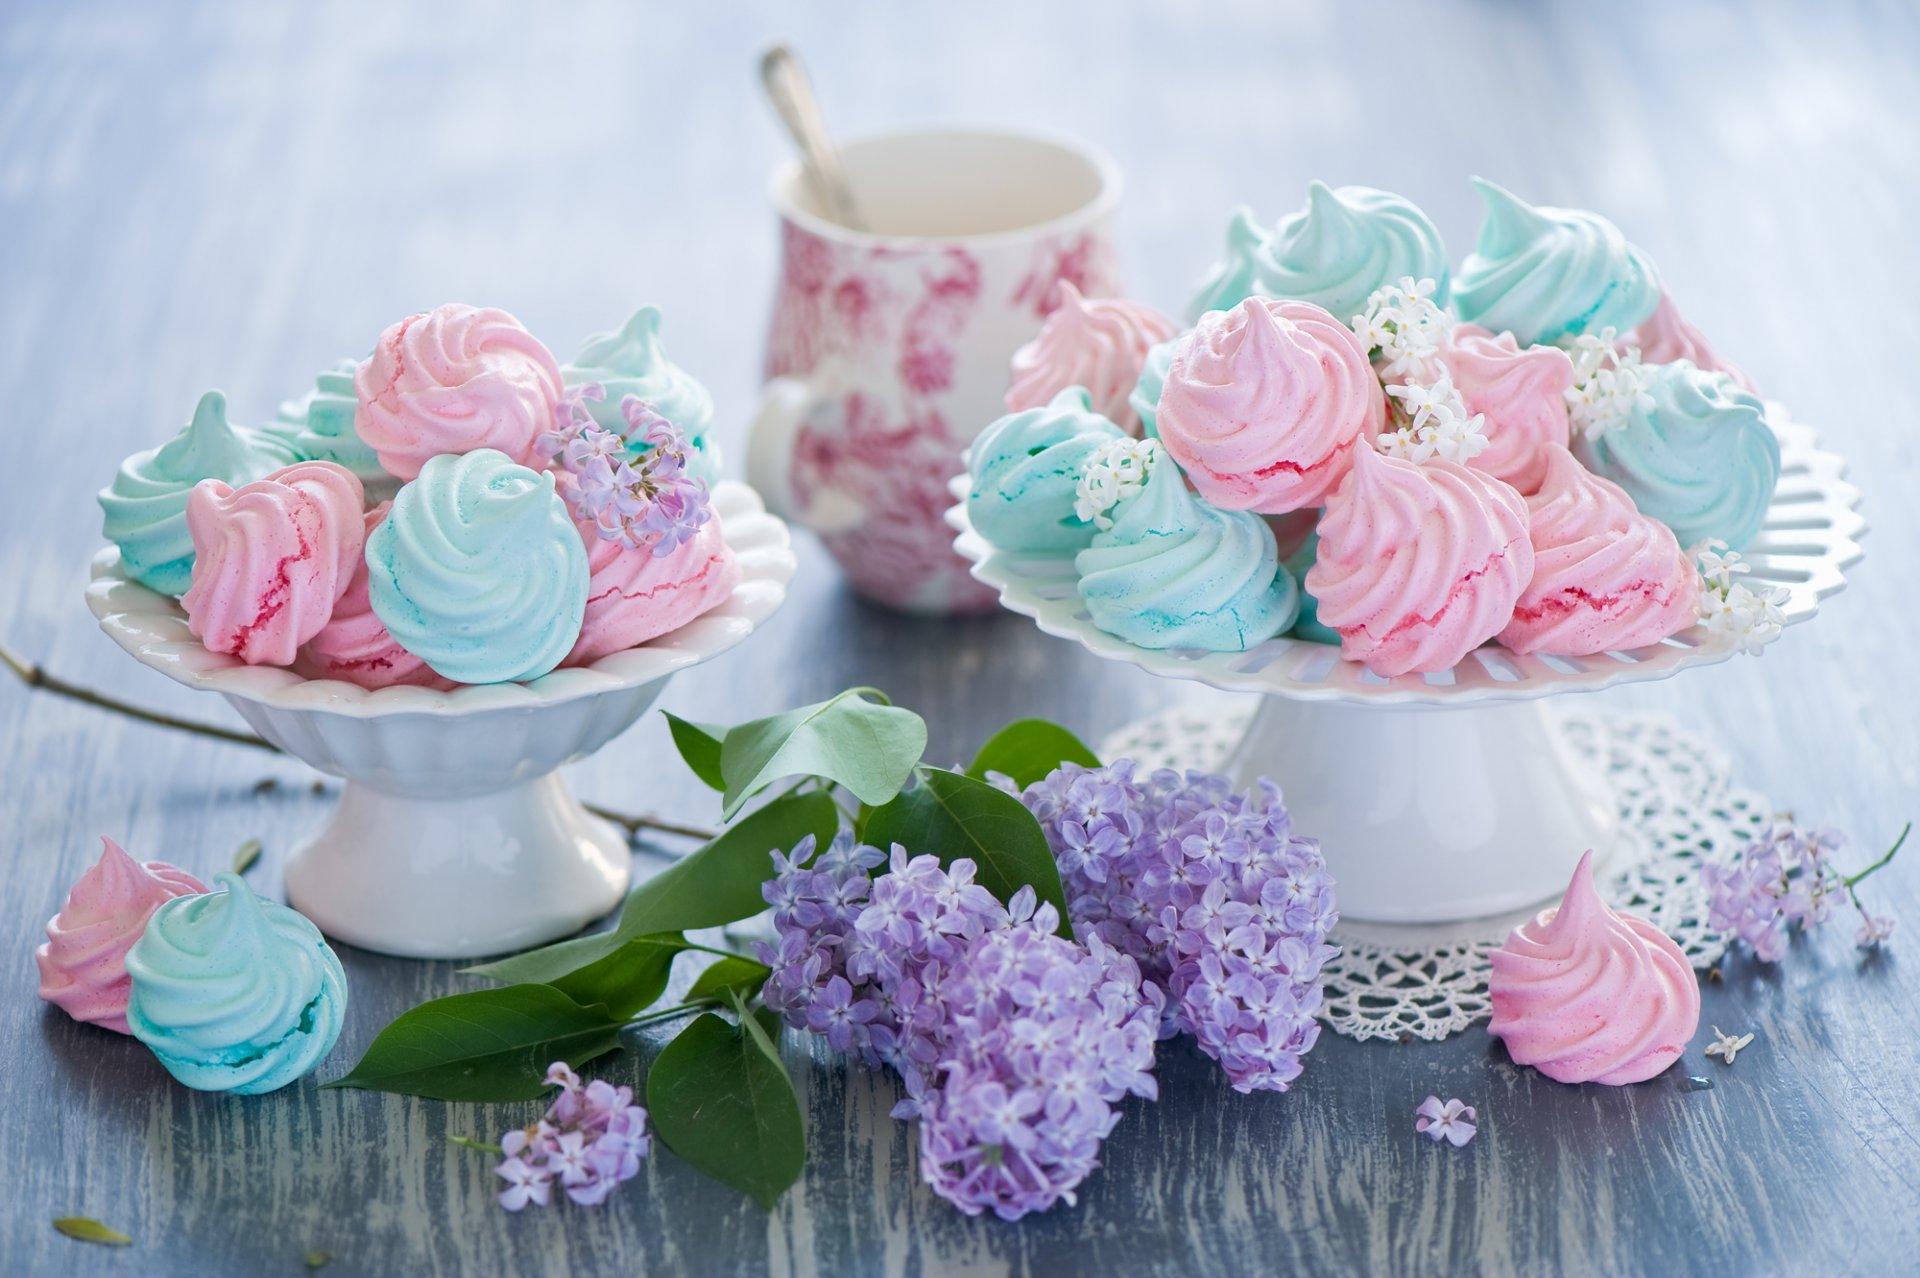 природа цветы сирень сахар блюдо  № 1154343 загрузить